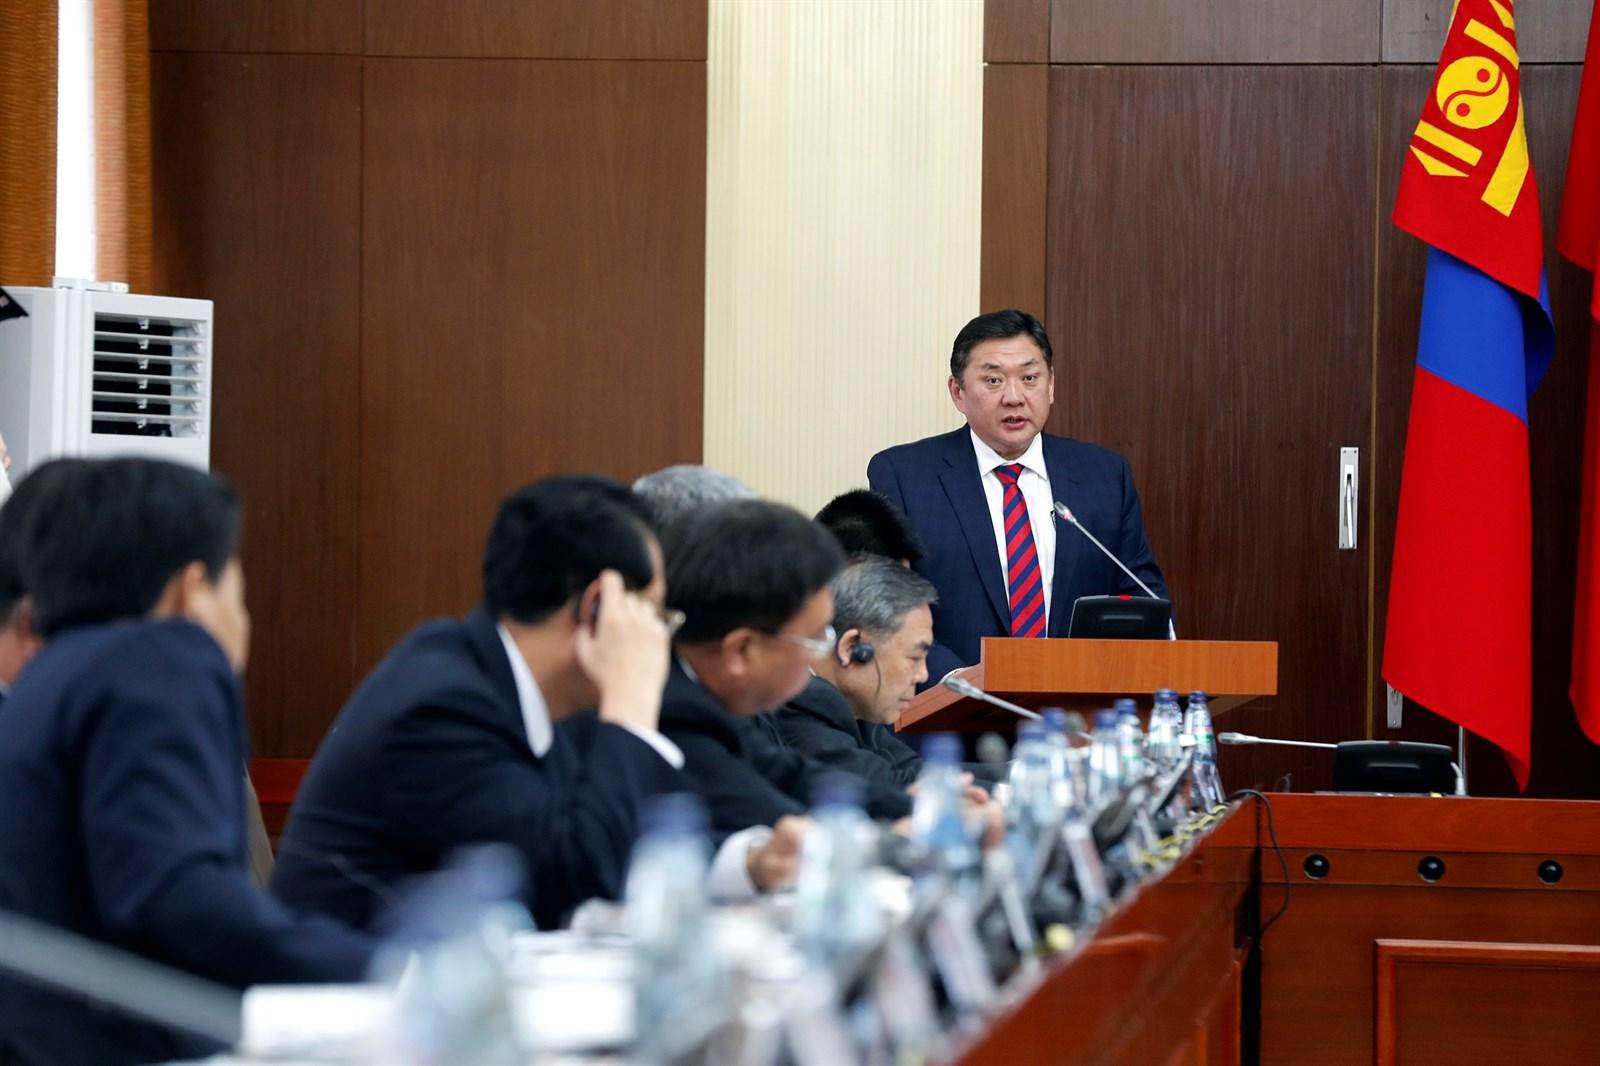 М.Энхболд: Монгол Улс бол Тогтвортой хөгжлийн зорилтыг түүчээлэгч орнуудын нэг